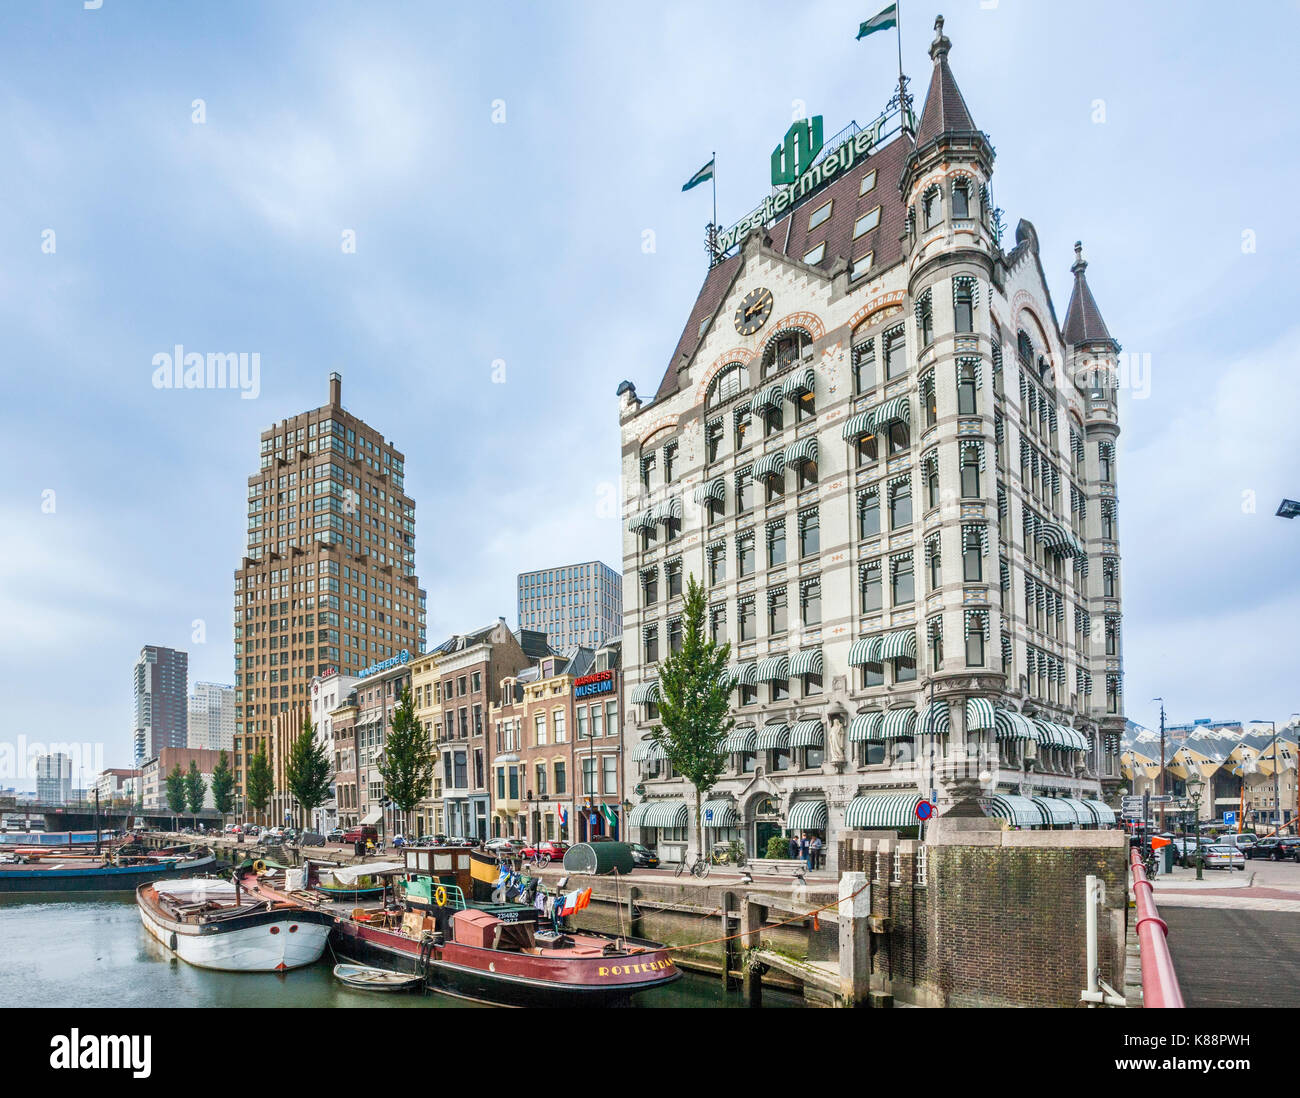 Países Bajos, en el sur de Holanda, Rotterdam, distrito marítimo, Wijnhaven con vista del estilo Art Nouveau Imagen De Stock